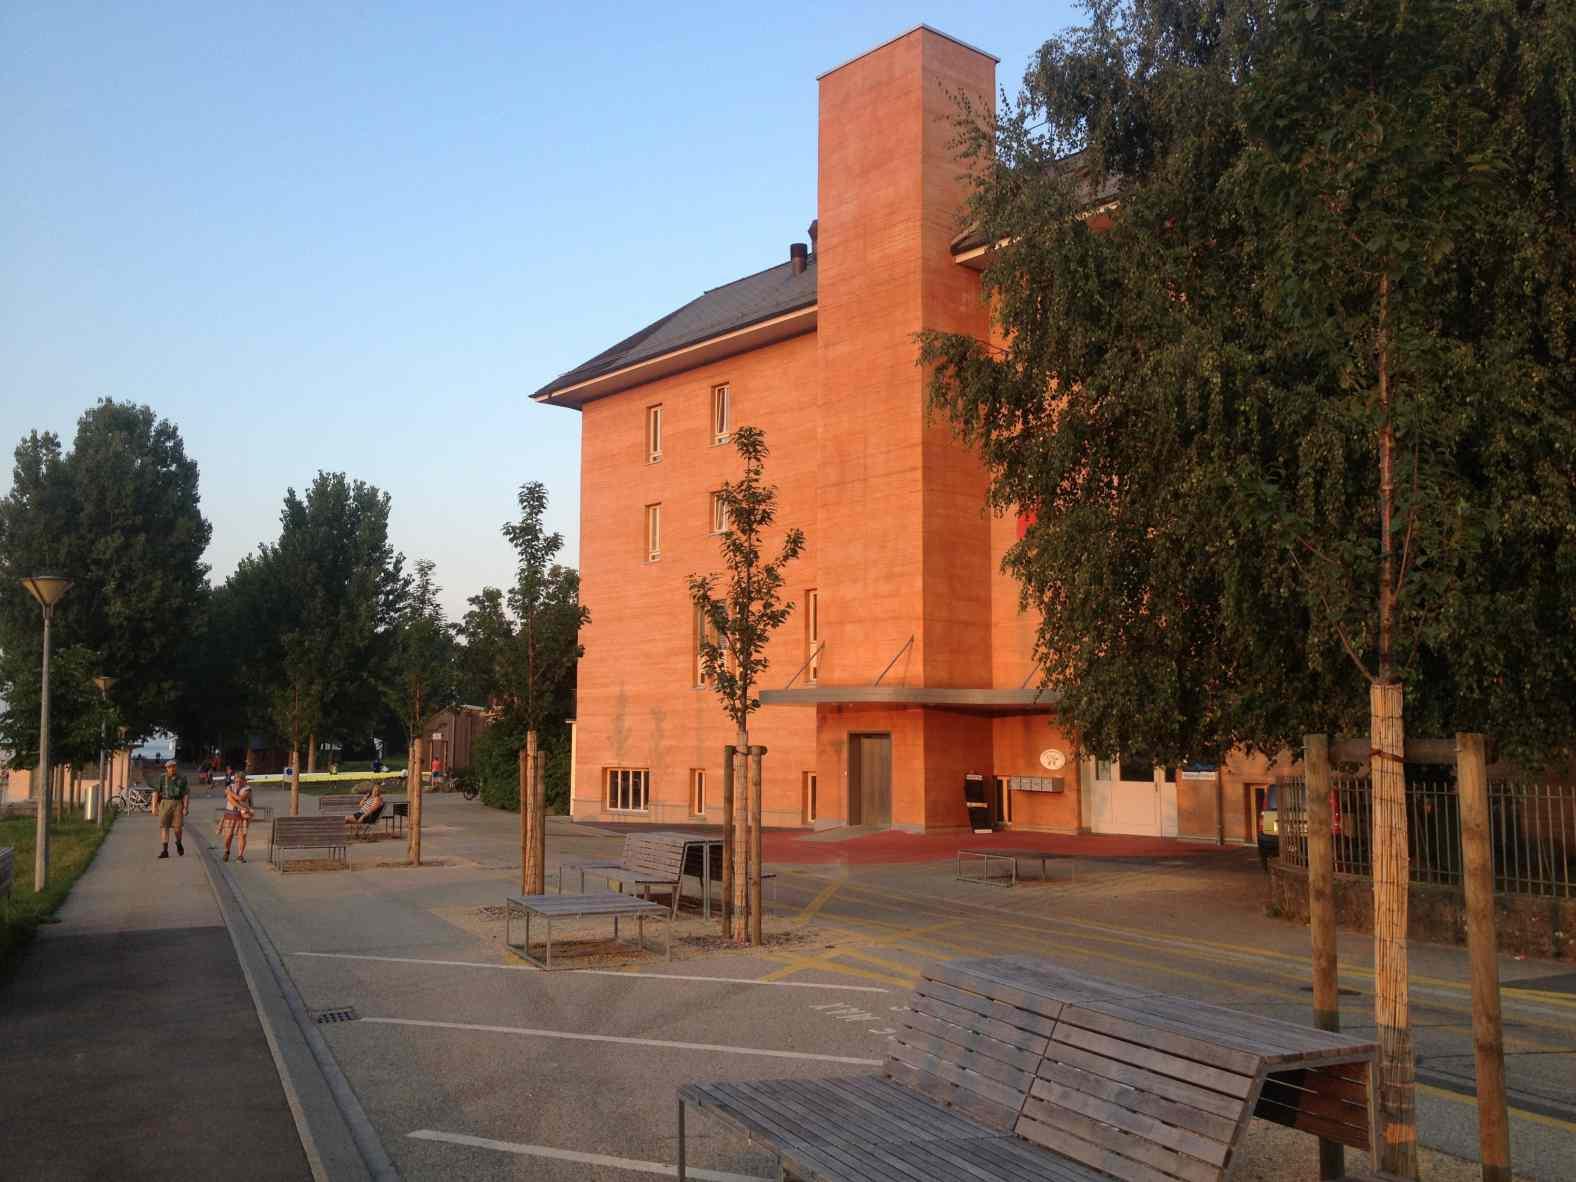 Immeuble doublé par l'extérieur en Chaux - Chanvre avec le process HES Mix